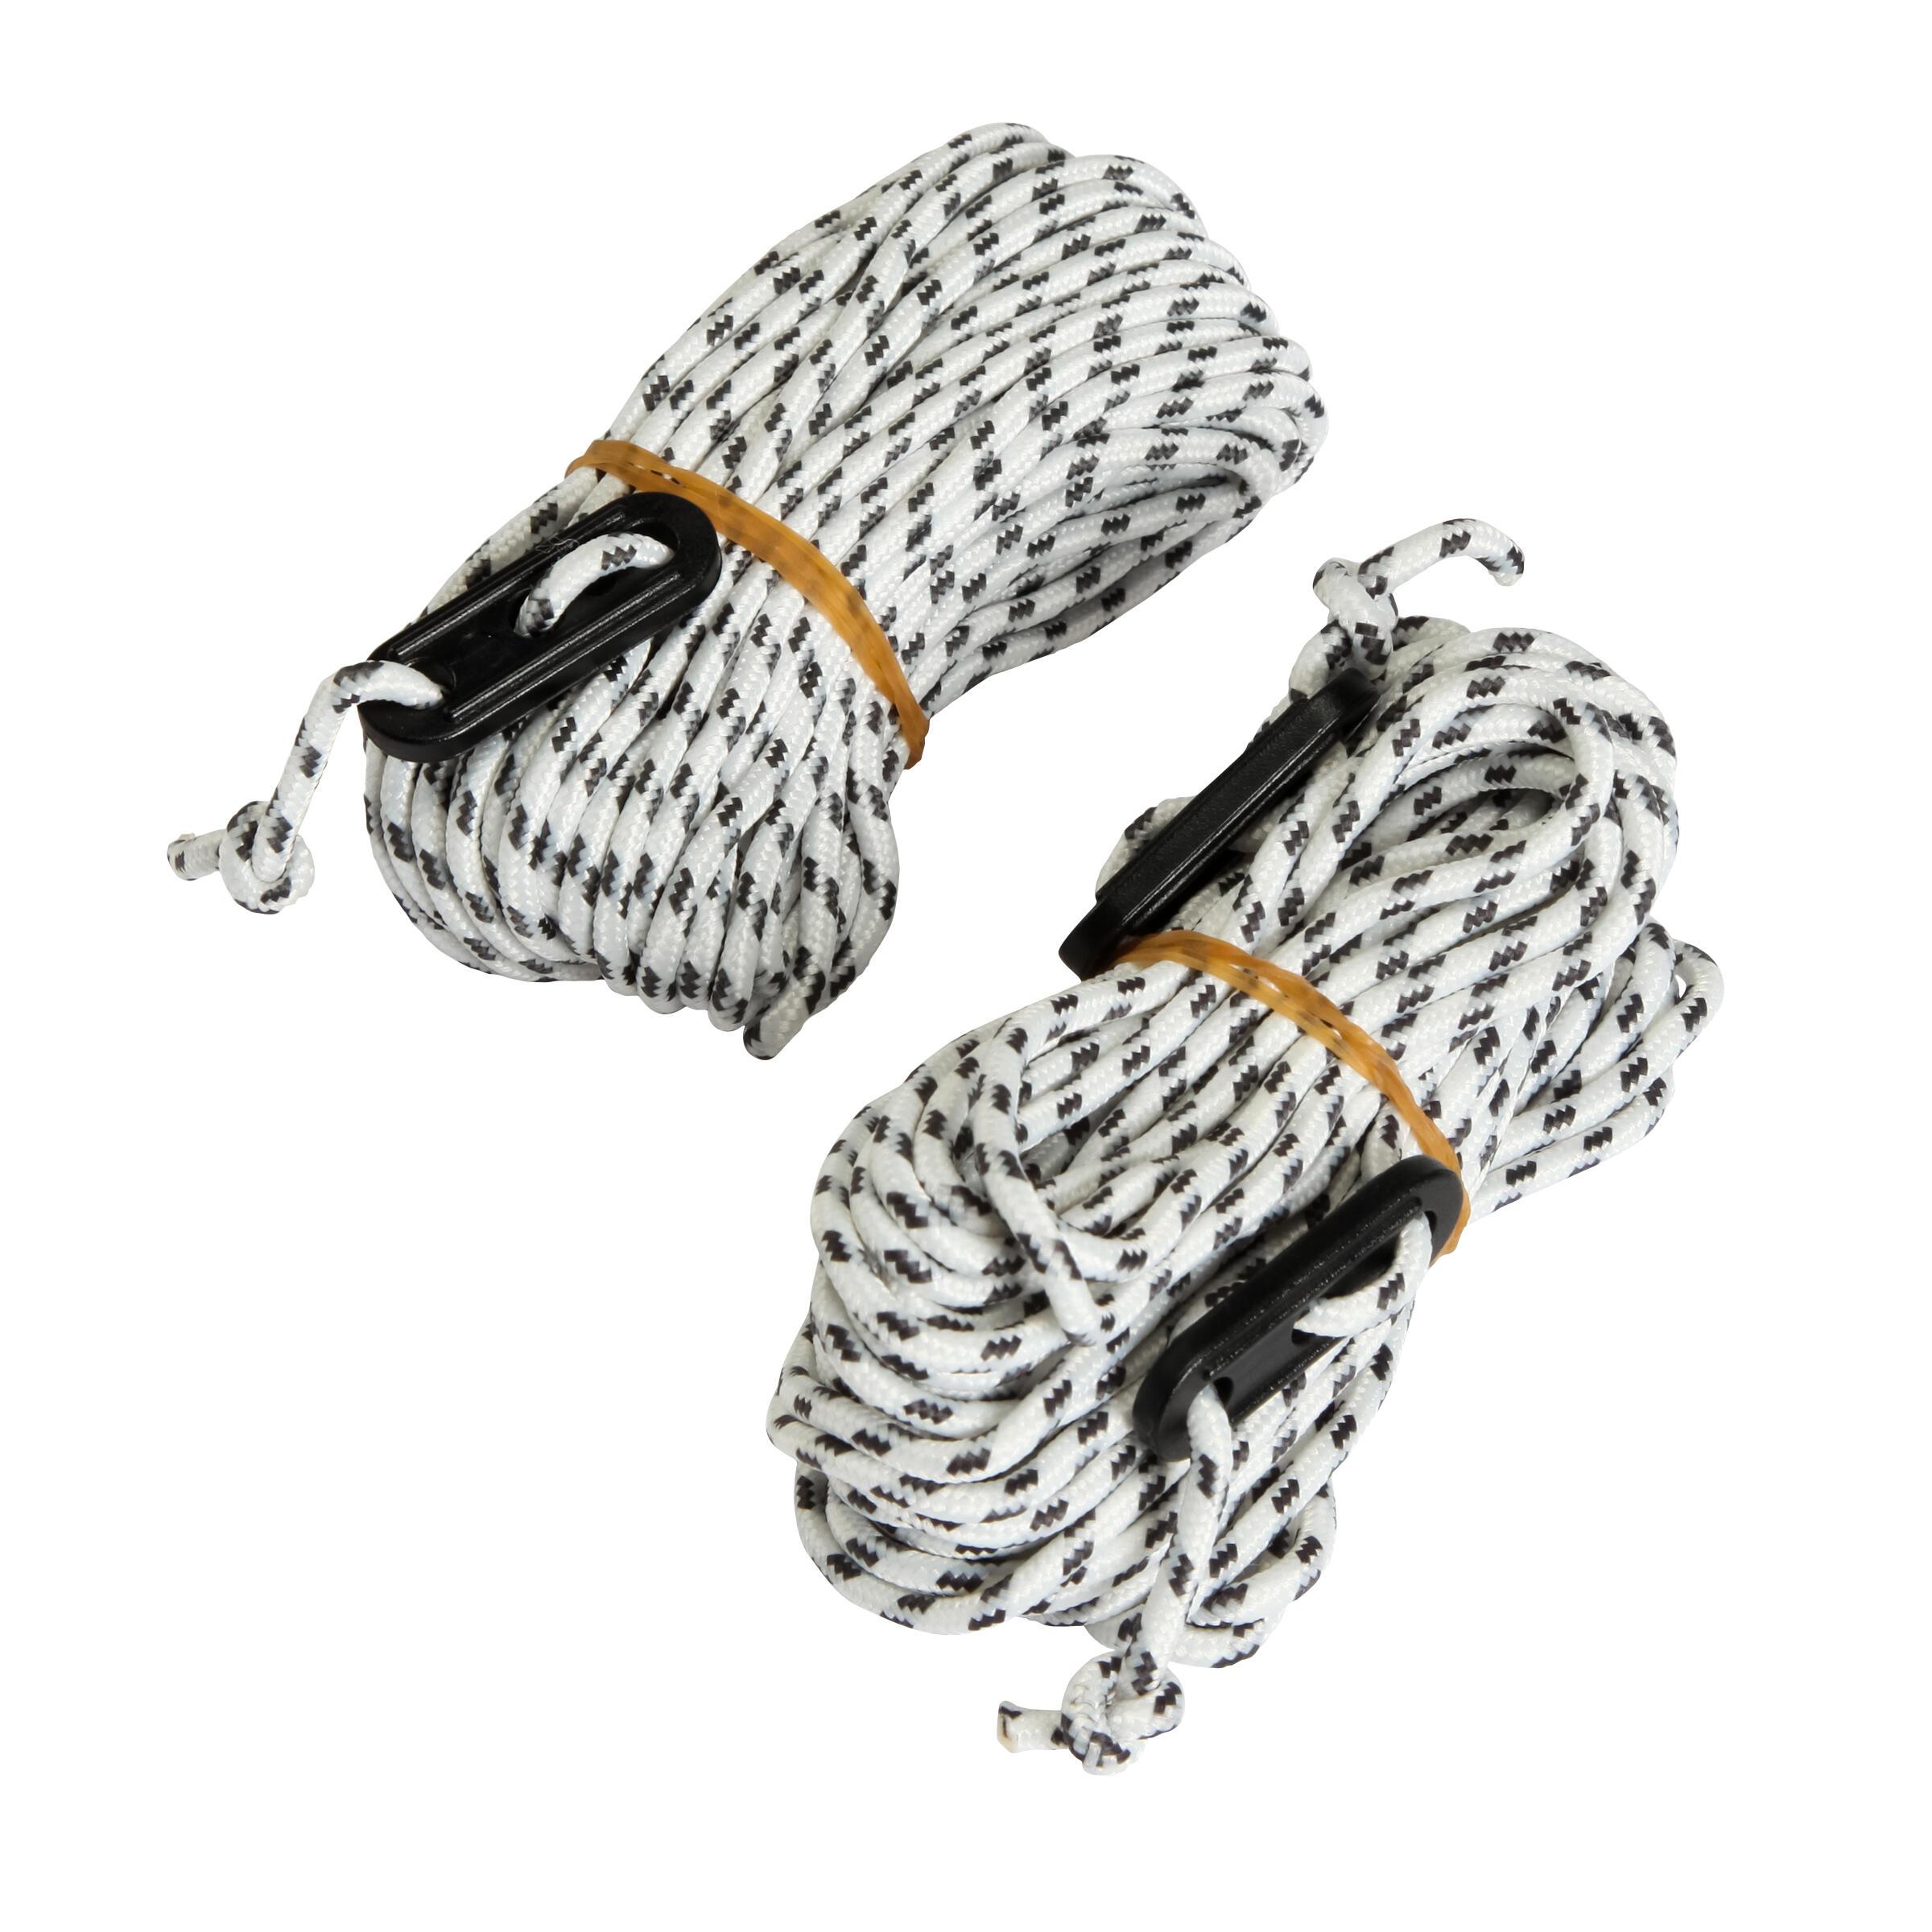 Quechua Set met 2 spanlijnen en 4 spanners